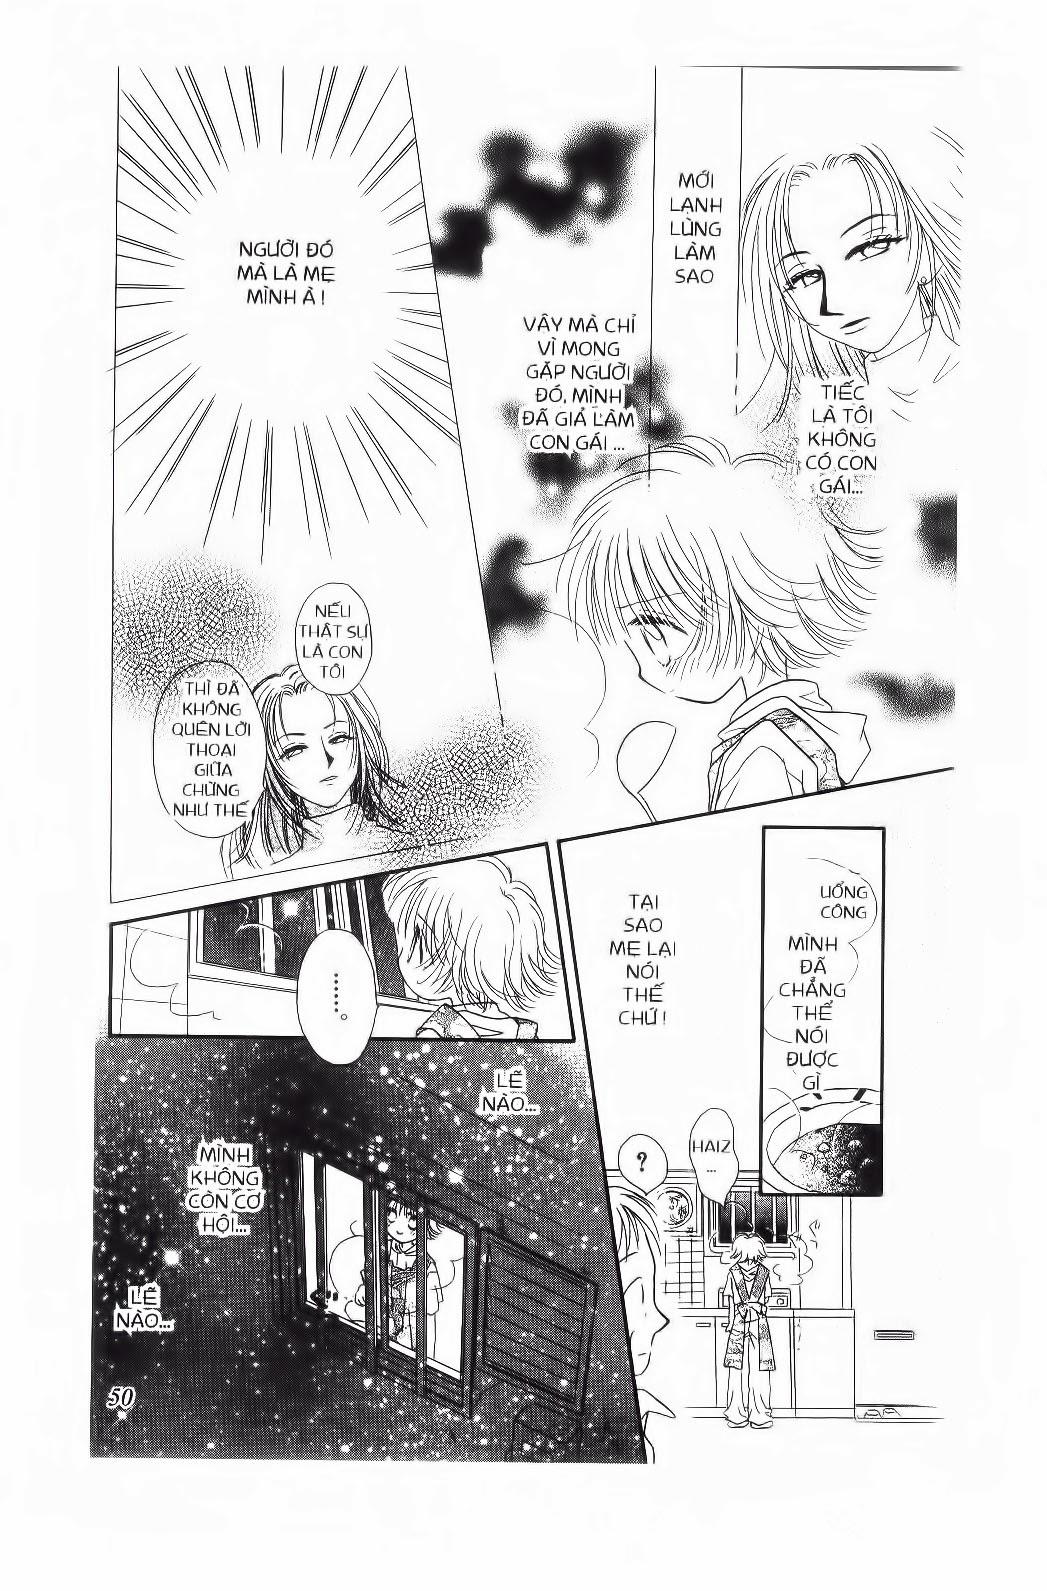 Chắp Cánh ước Mơ chap 15 - Trang 3